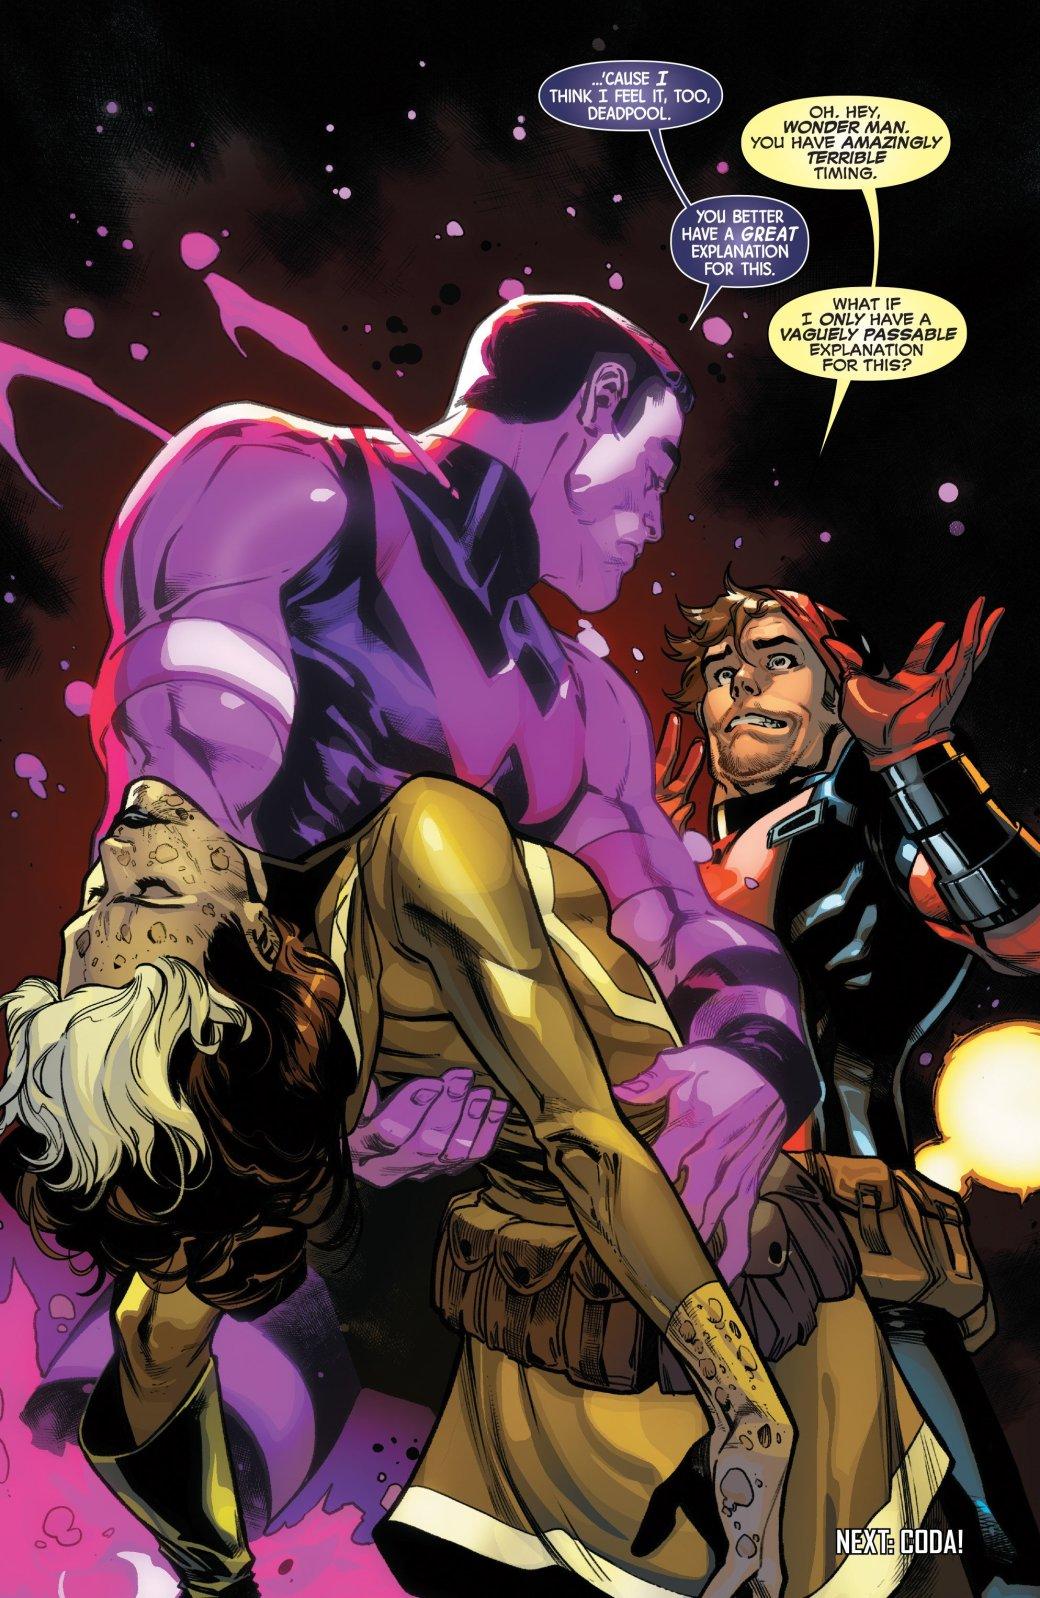 Благодаря Дэдпулу один из Мстителей смог вернуться к жизни | Канобу - Изображение 12215